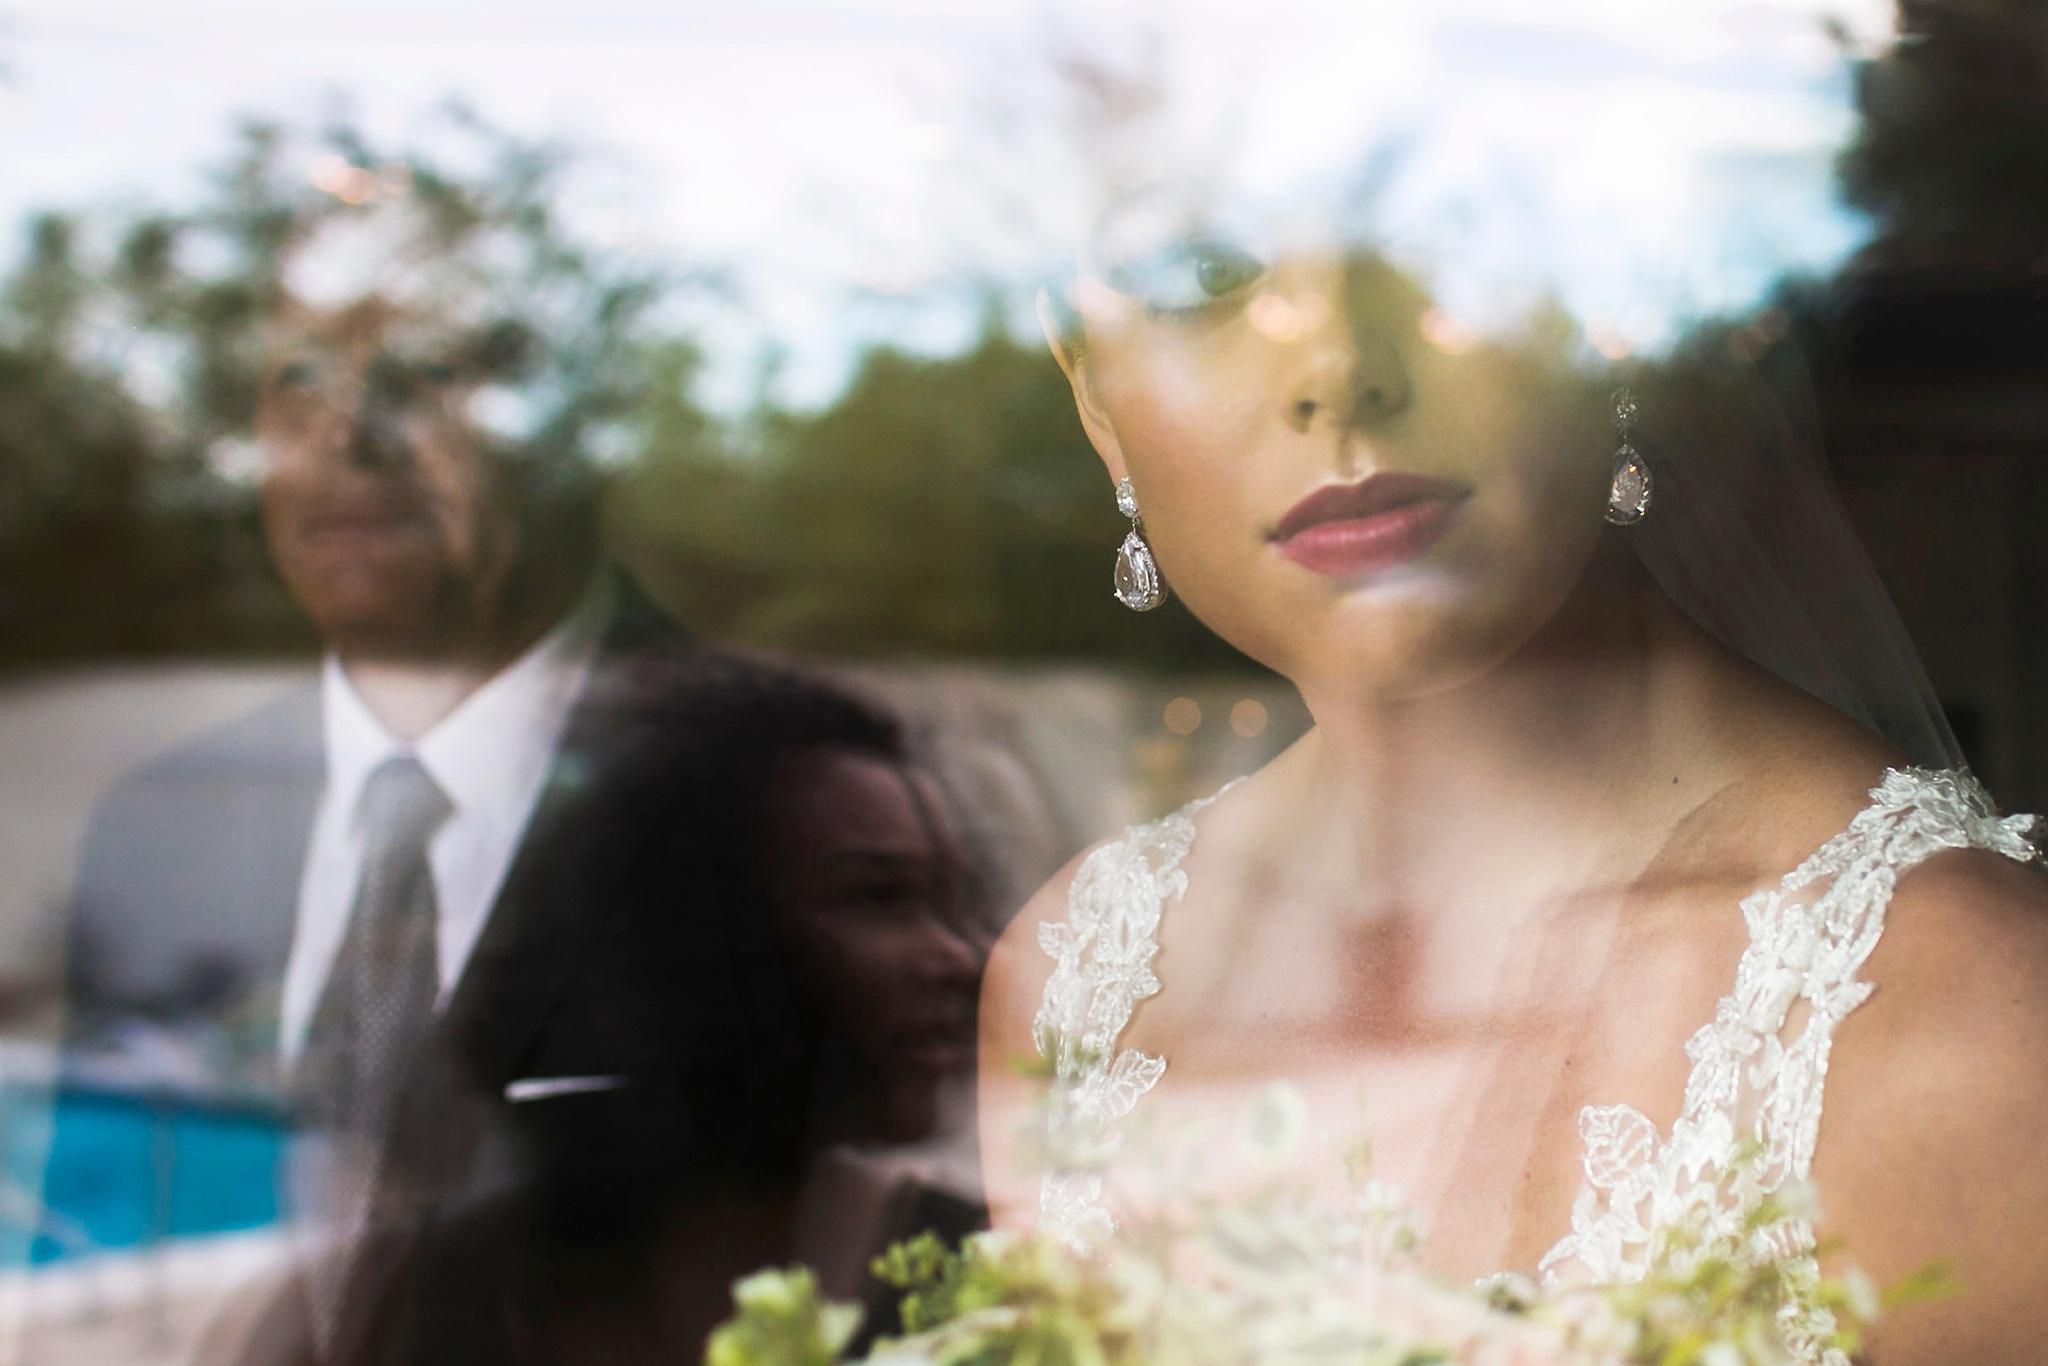 documentary-wedding-photography-arizona-katrinawallace.com